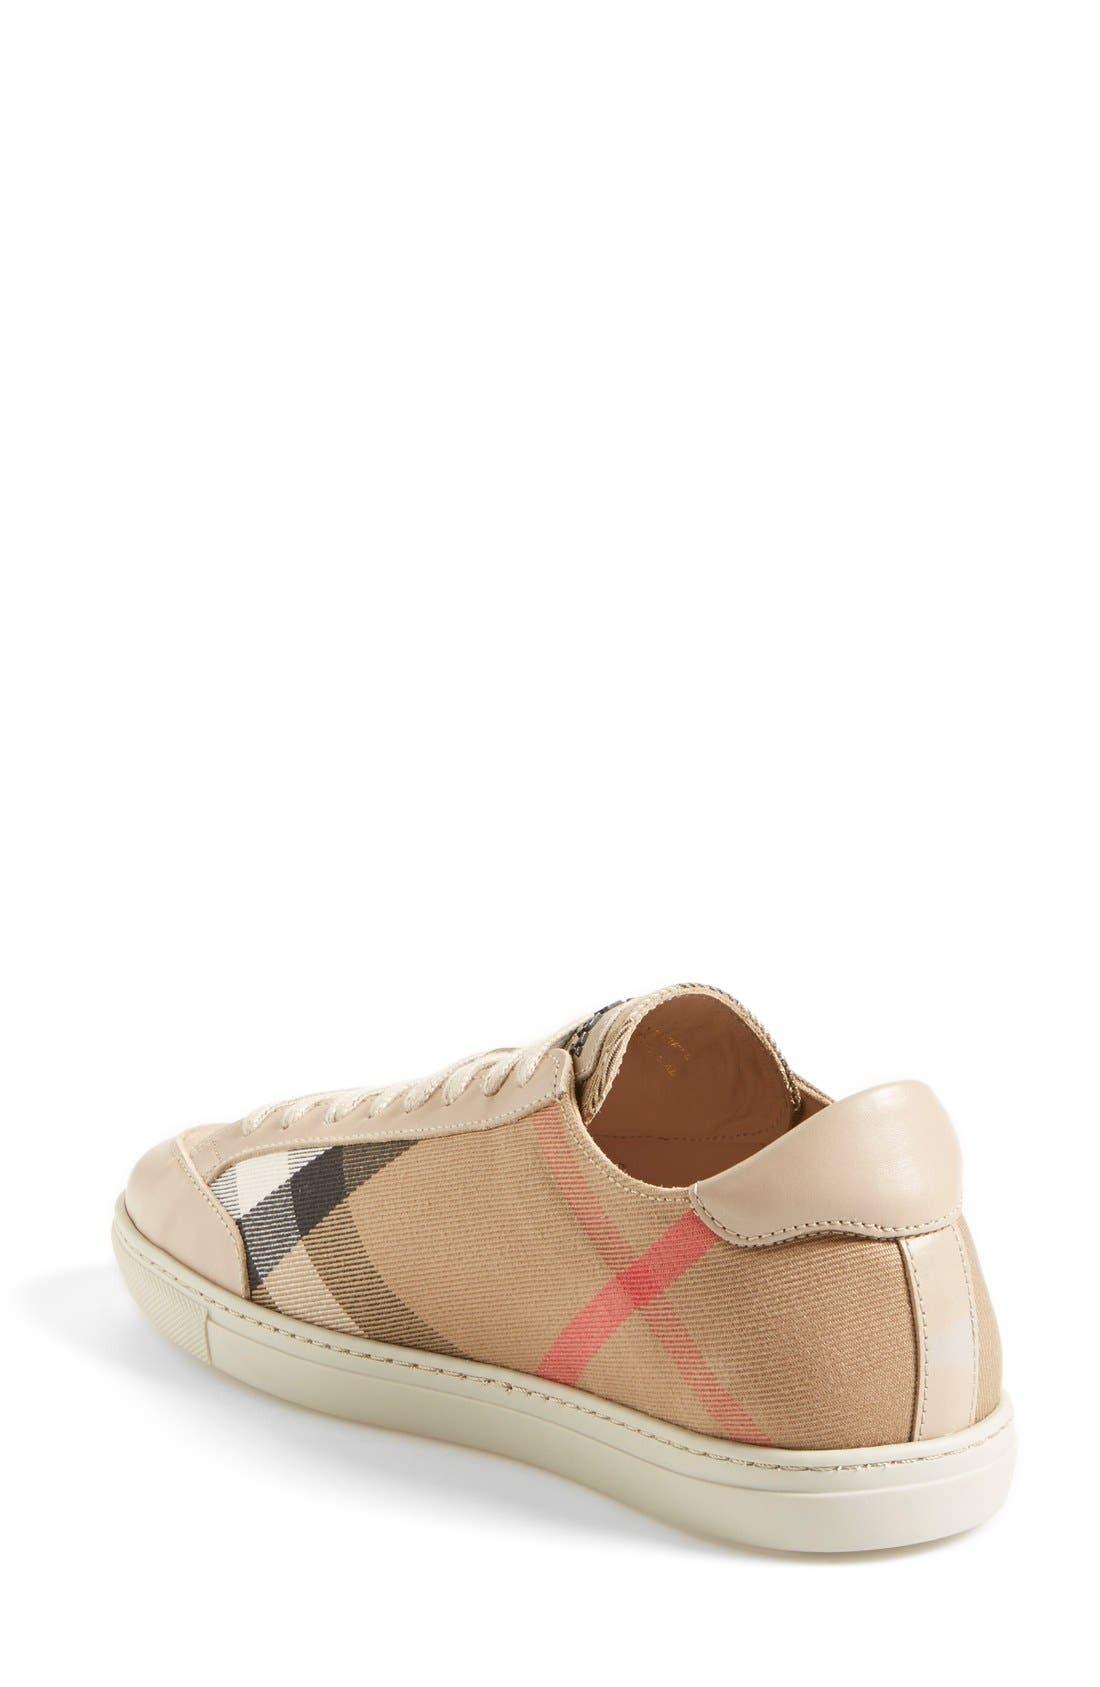 Alternate Image 2  - Burberry 'Hartfields' Sneaker (Women)